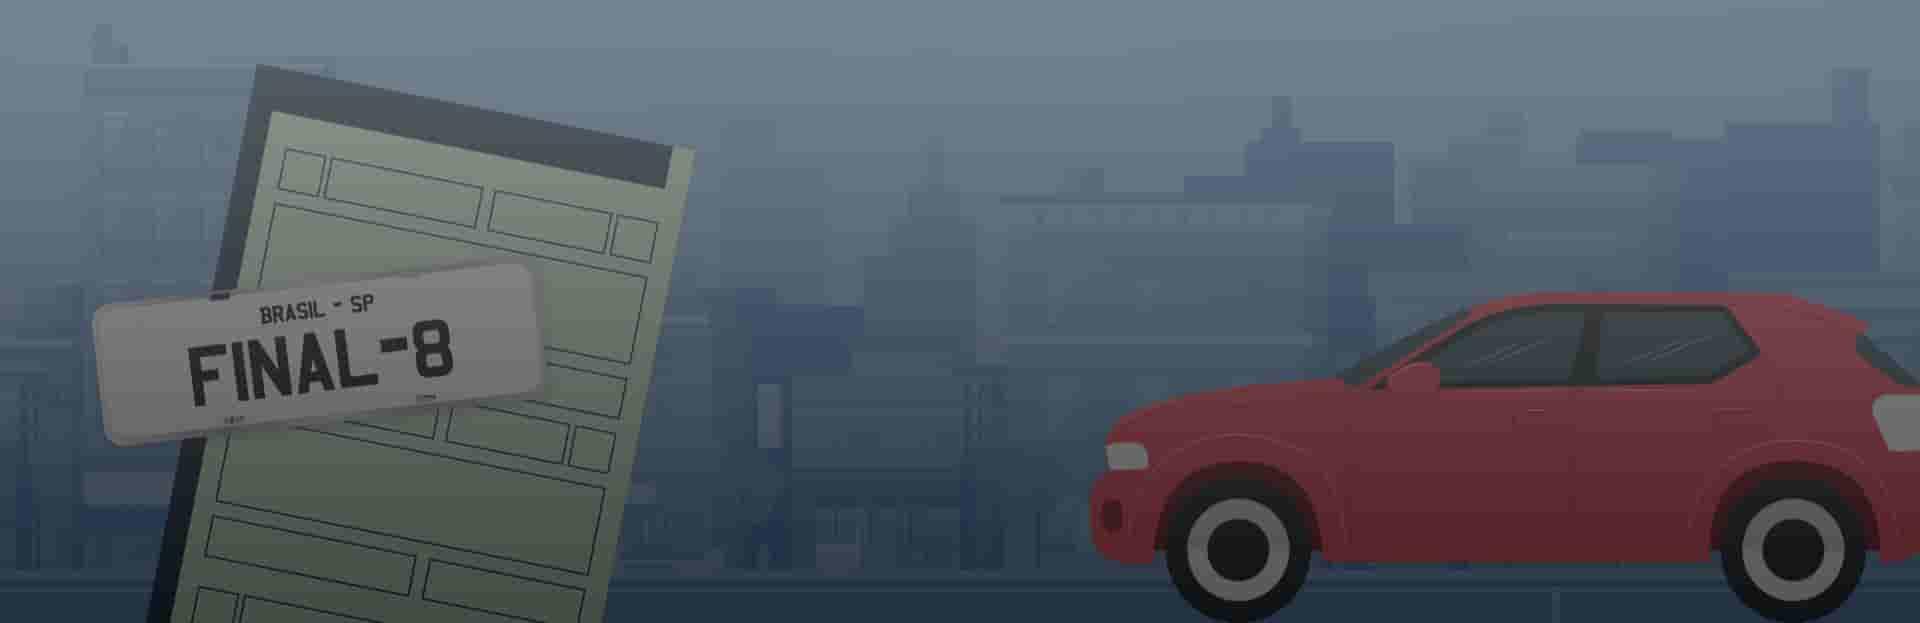 Licenciamento final 8, Ilustração de carro e placa